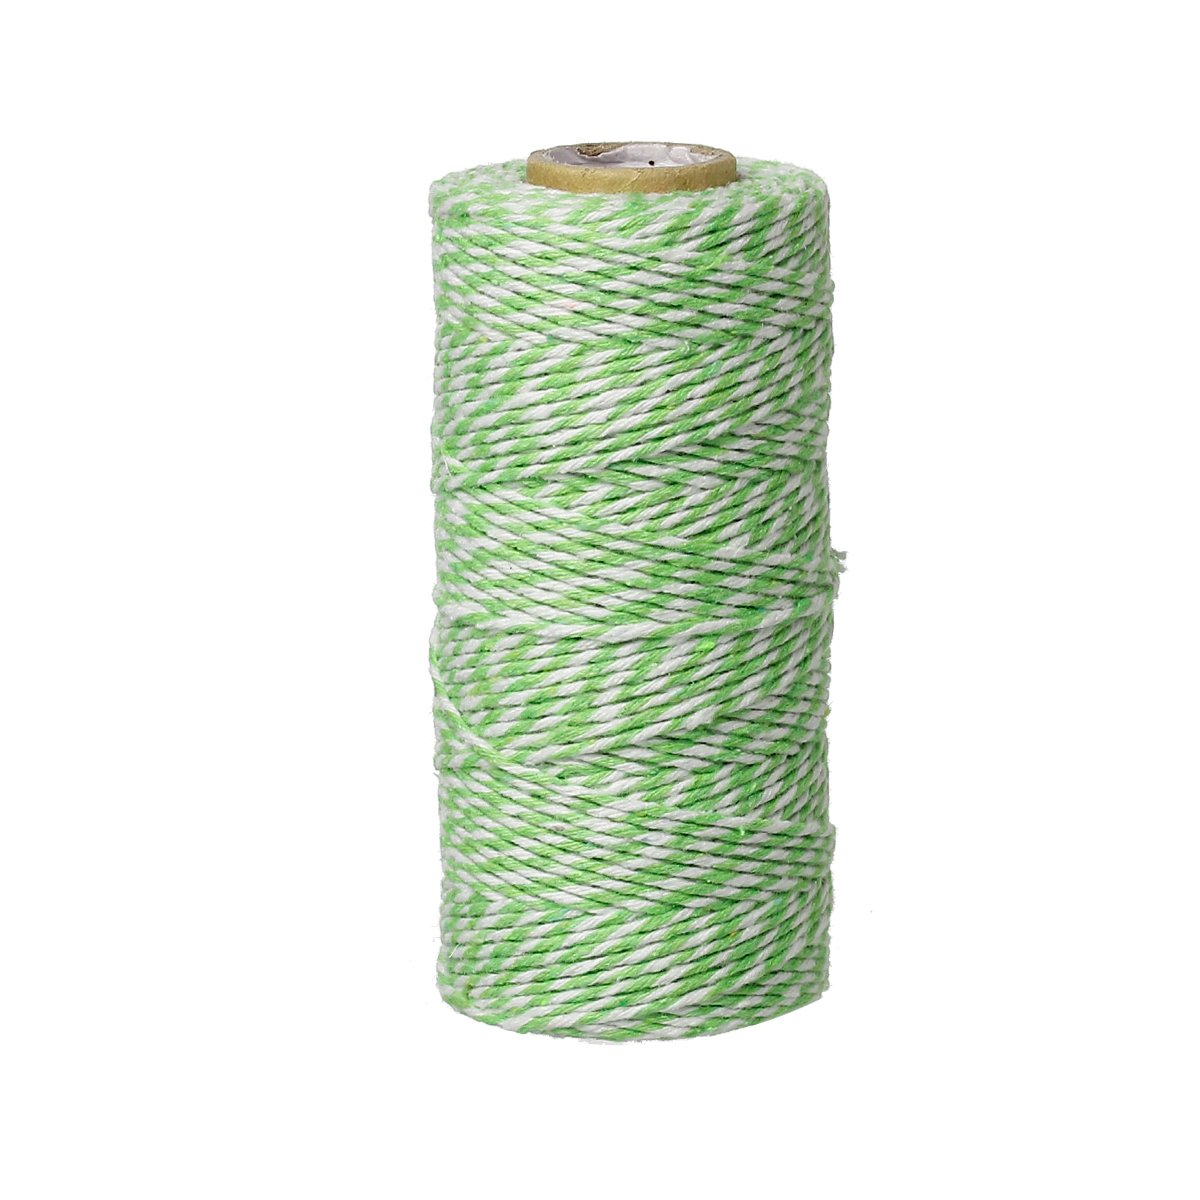 /92/m filo in cotone SiAura materiale/®/ /bianco a righe verde chiaro/ 1,5/mm di spessore